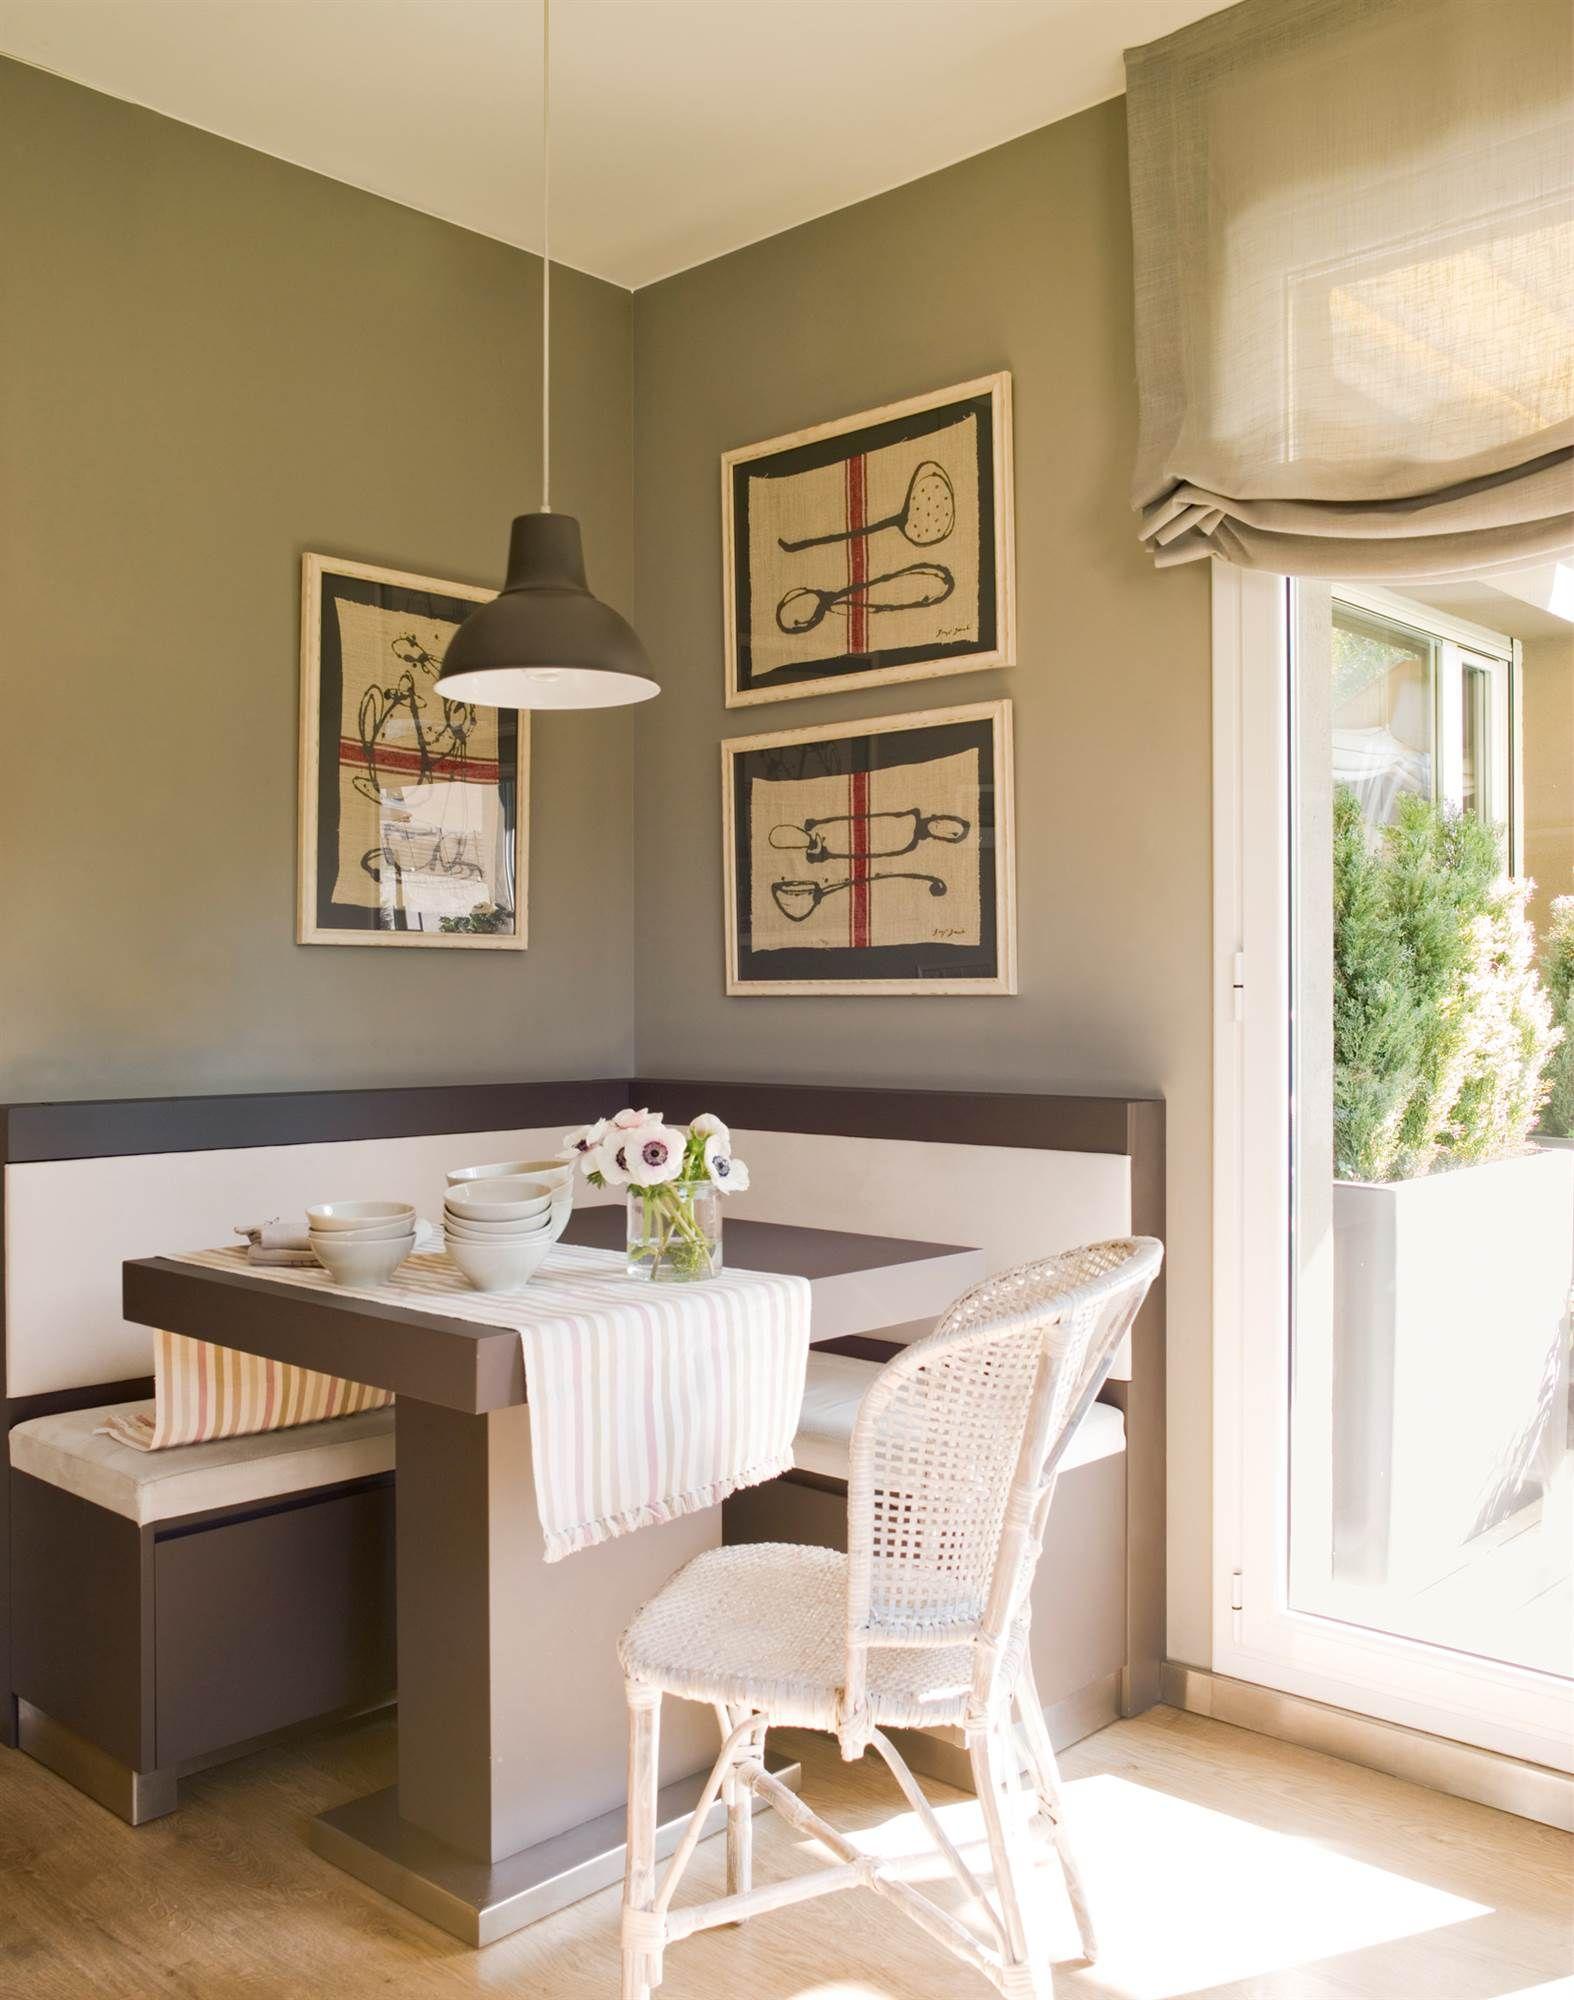 Si Dispones De Poco Espacio Busca Muebles Con Doble Funcionalidad  # Muebles Doble Funcionalidad